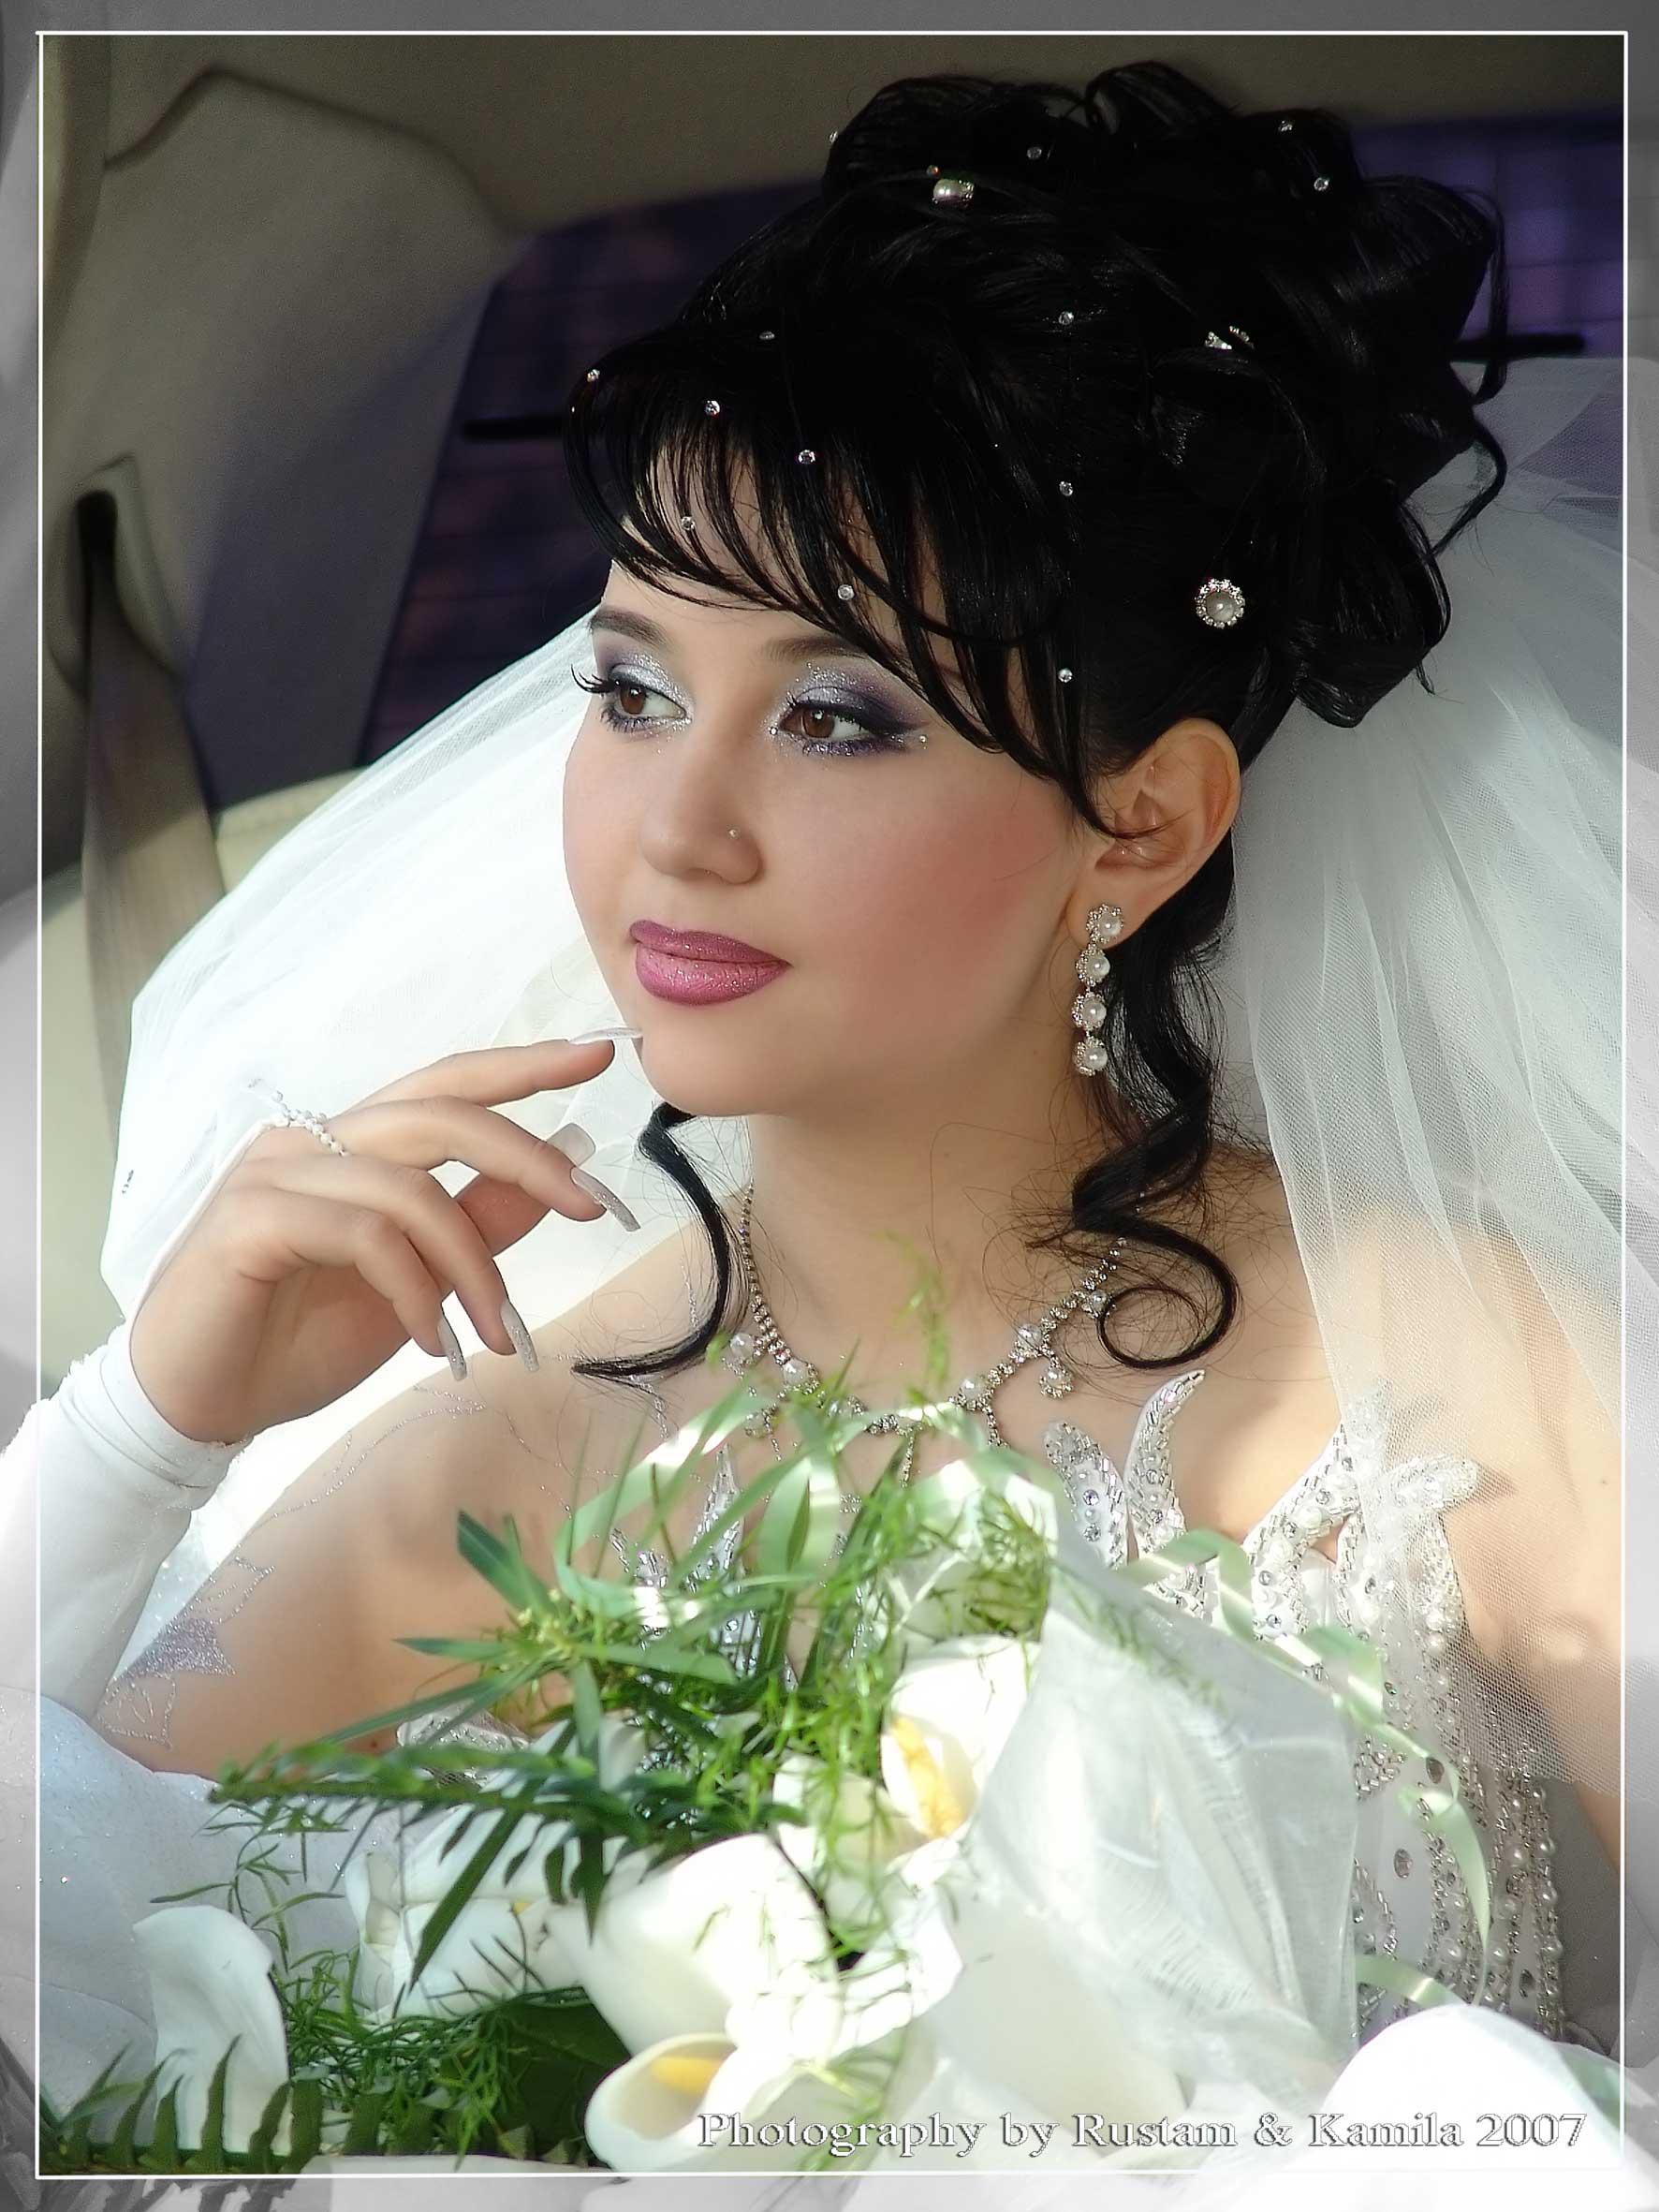 Смотреть фото махачкалинских девушек 25 фотография